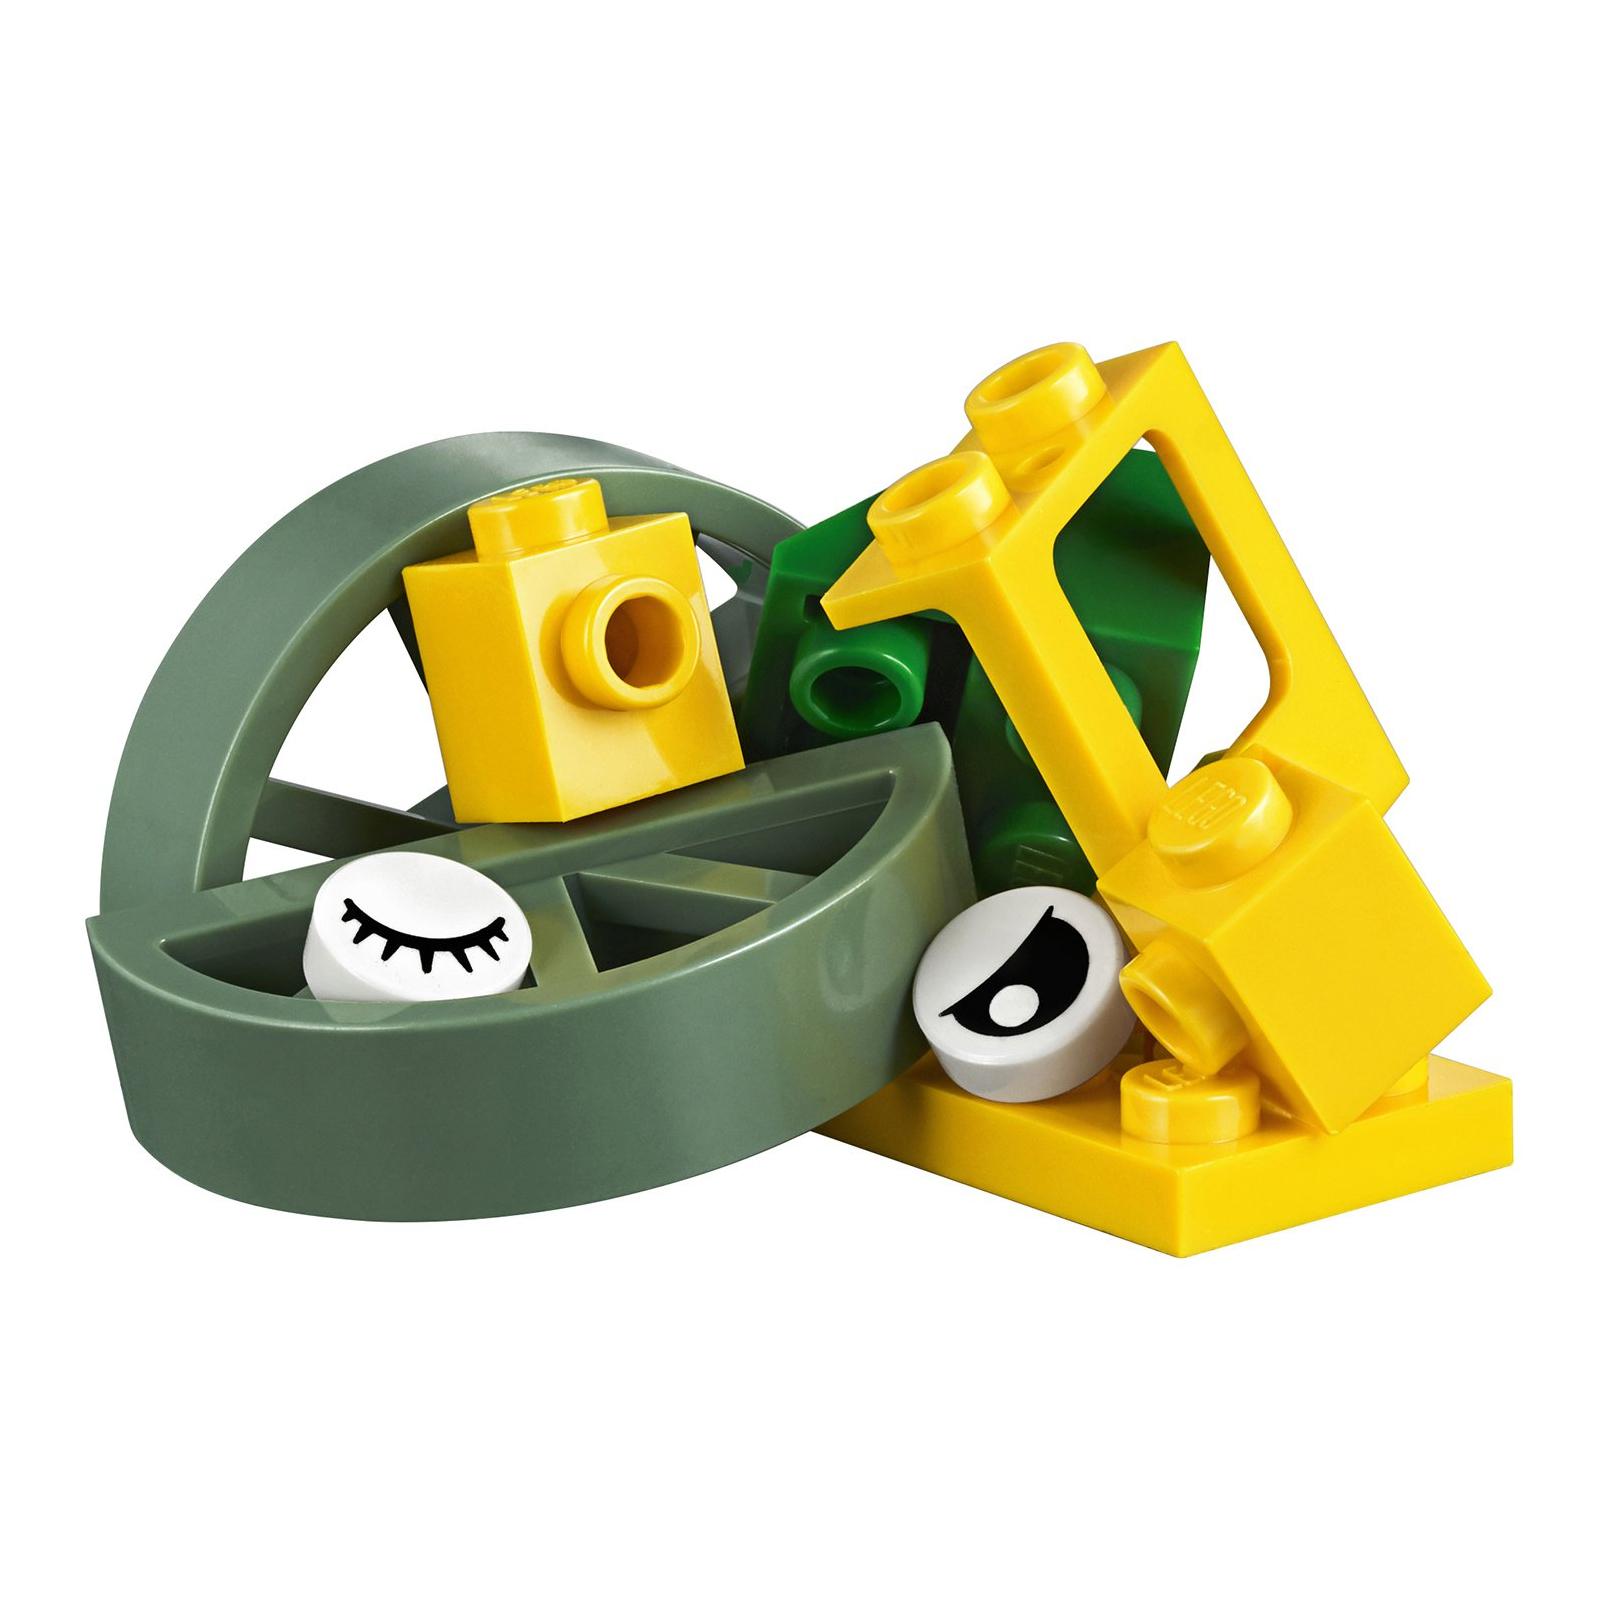 Конструктор LEGO Classic Набор для творчества с окнами 450 деталей (11004) изображение 4